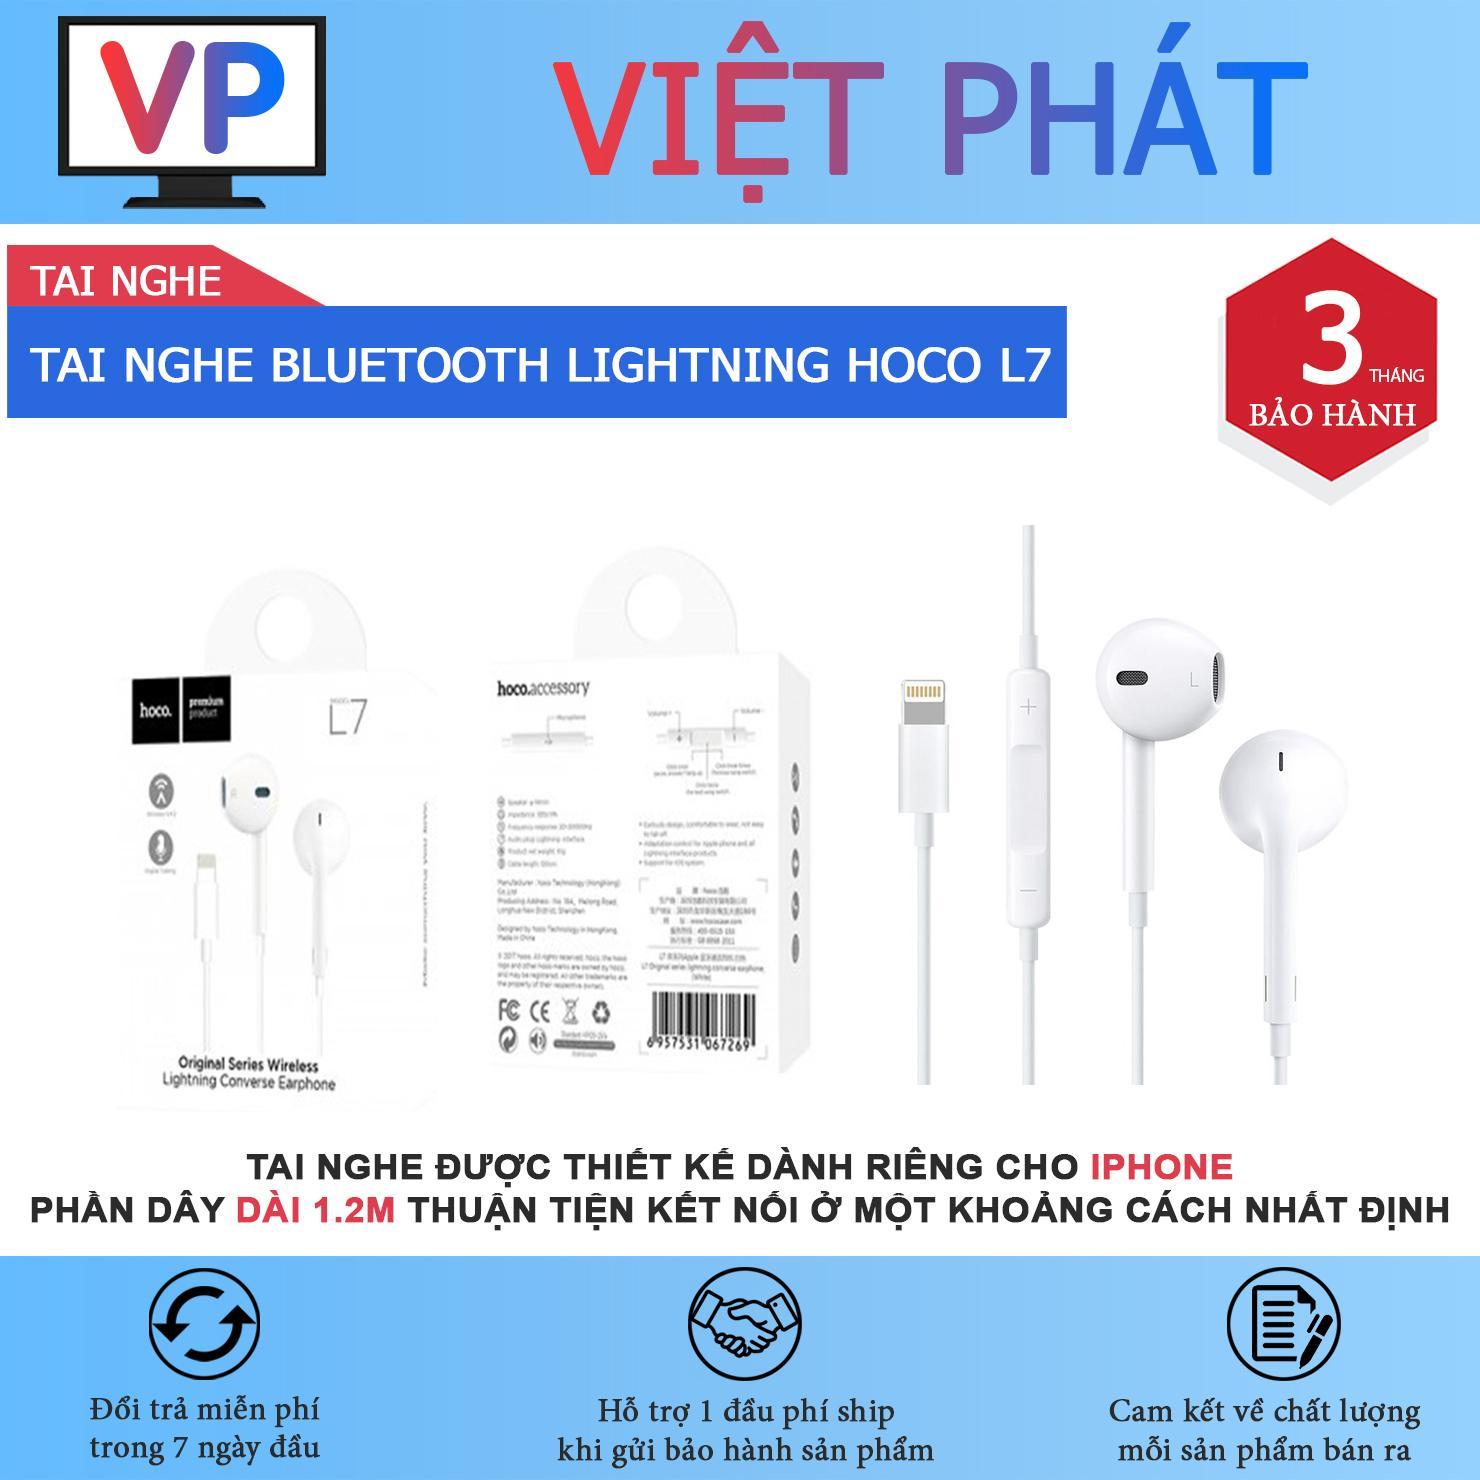 TAI NGHE NHÉT TAI BLUETOOTH LIGHTNING CHO IPHONE HOCO L7